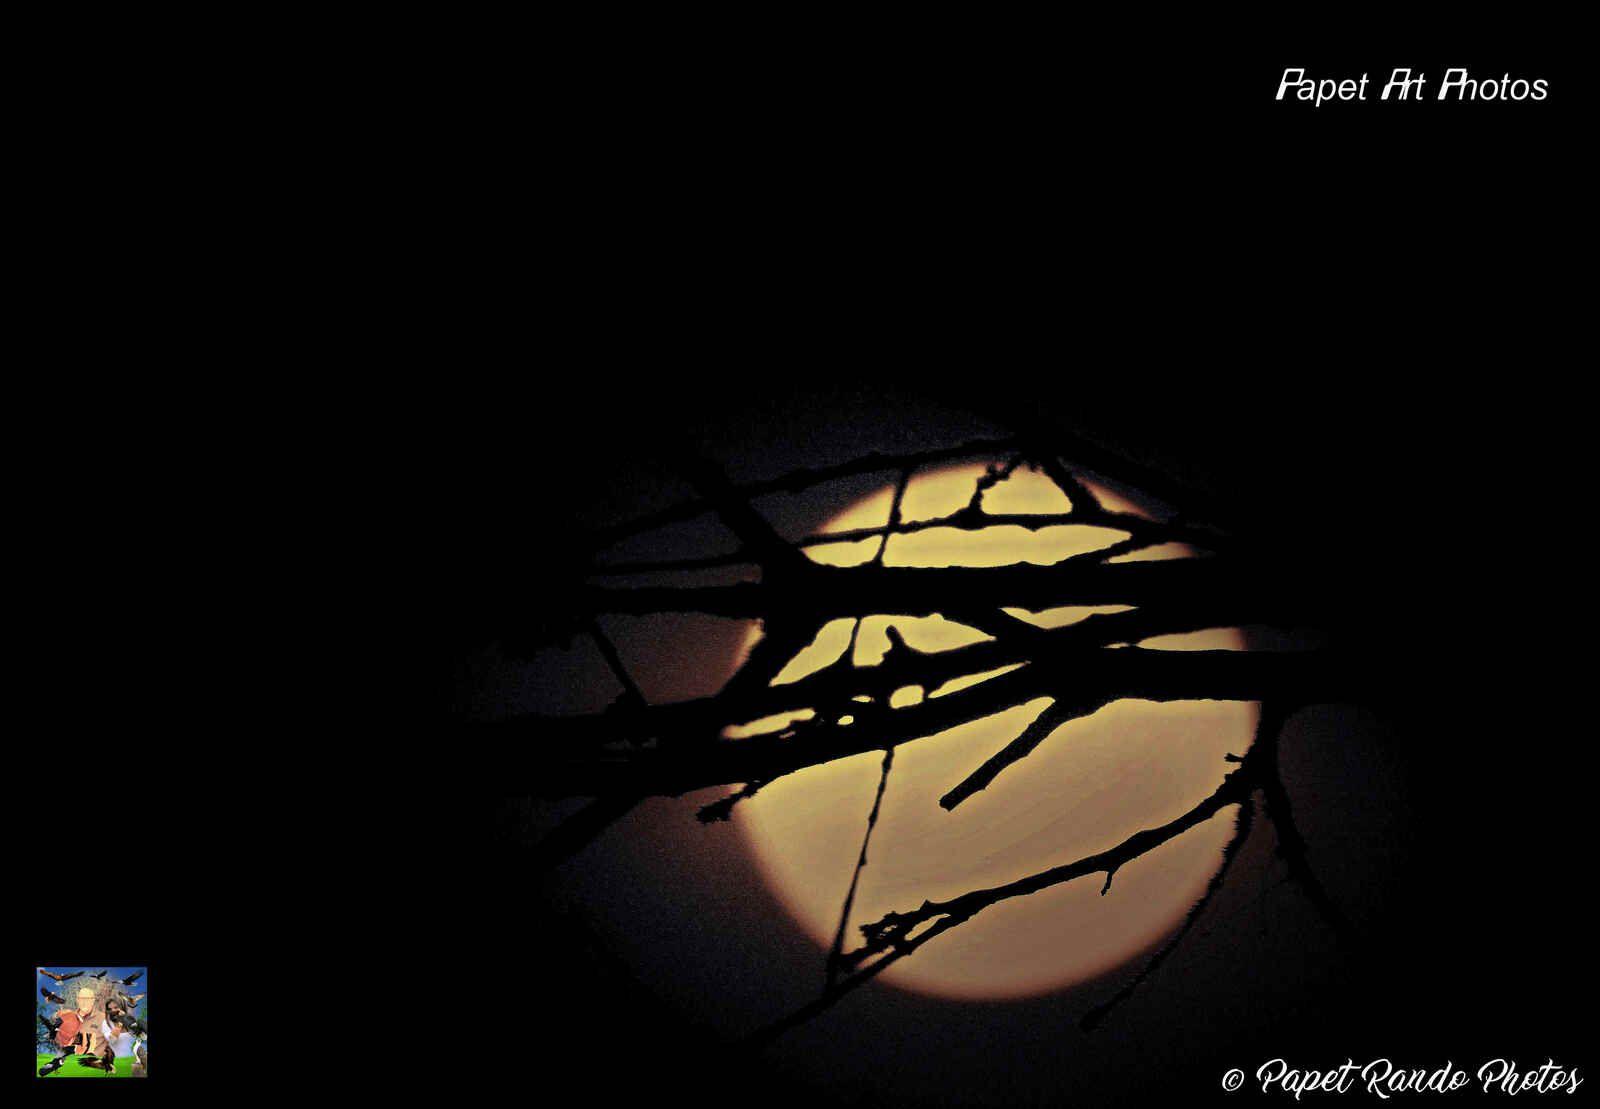 La Lune du mois d'avril se nomme La Lune Rose,Son Credo? Arbres fleuris, élans relationnels, abondance et renouveau, Bref Amour gloire et Beauté  Photos avec Nikon 7100,objectif 50-500 Sigma, avec par moment, converter 2x en plus = 100-1000, avec le pied, ou main levée